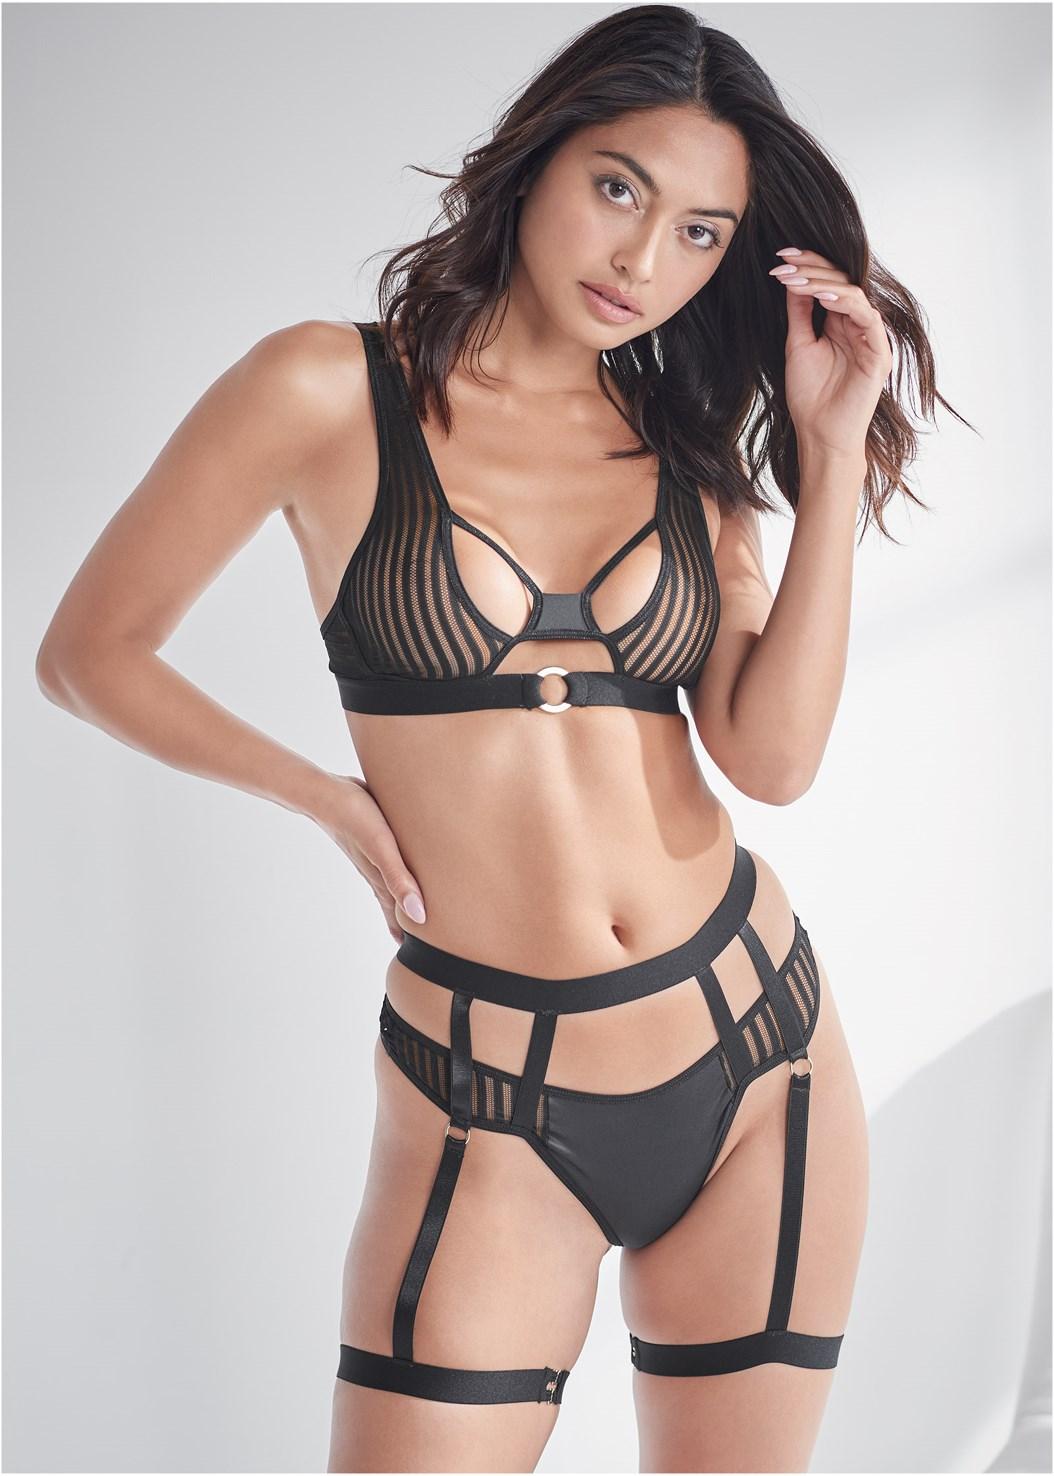 Strappy Bra And Panty Set